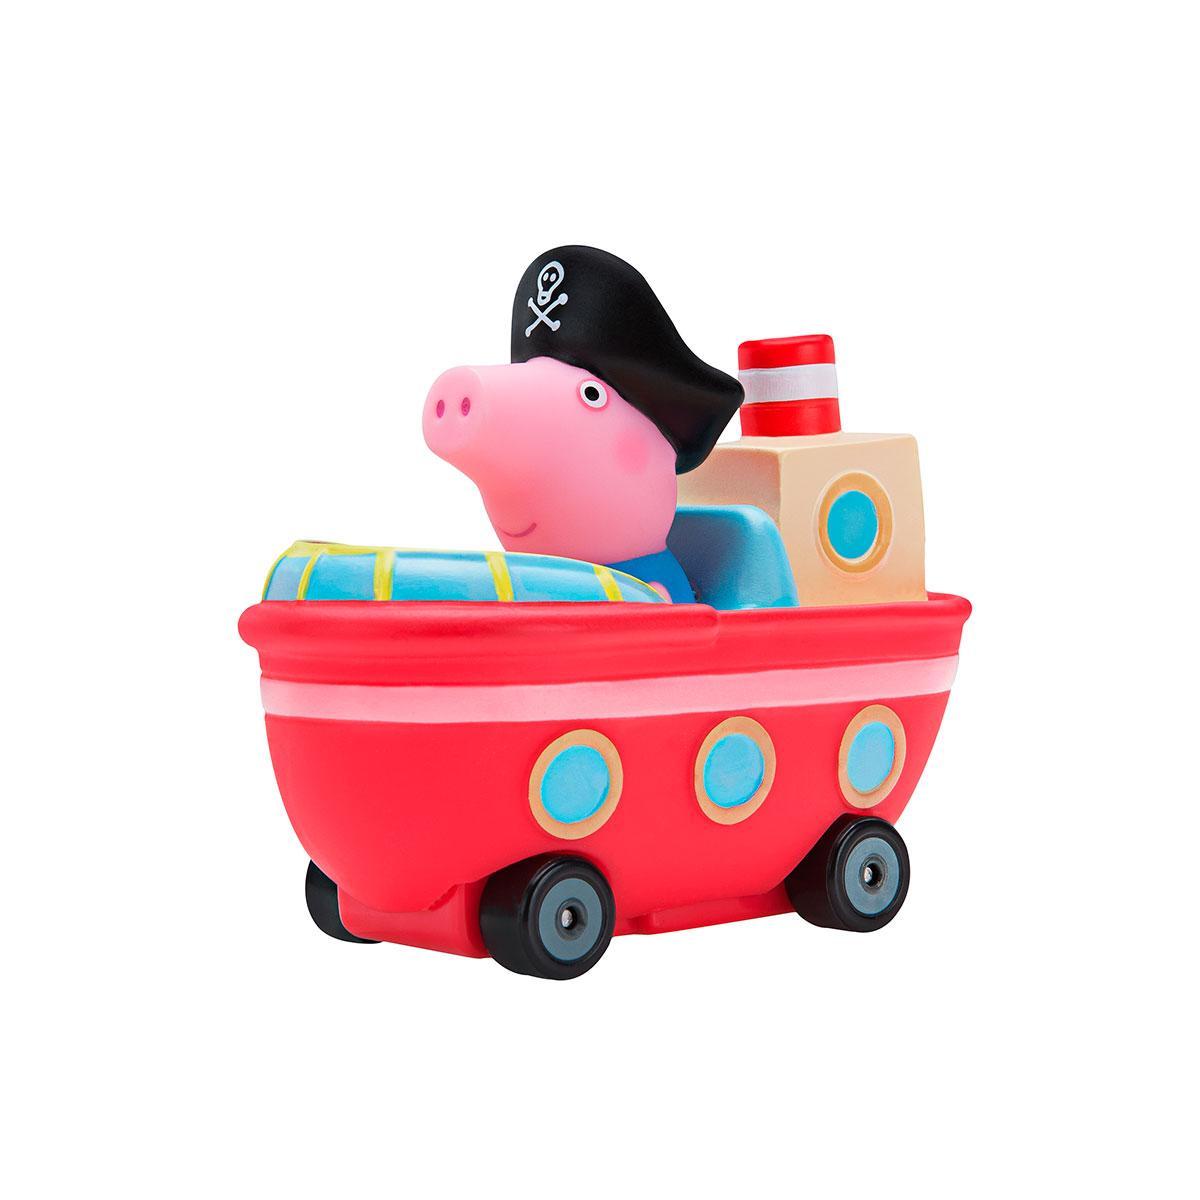 Peppa Мини-машинка Джордж в кораблике - серии Когда я вырасту, 96589